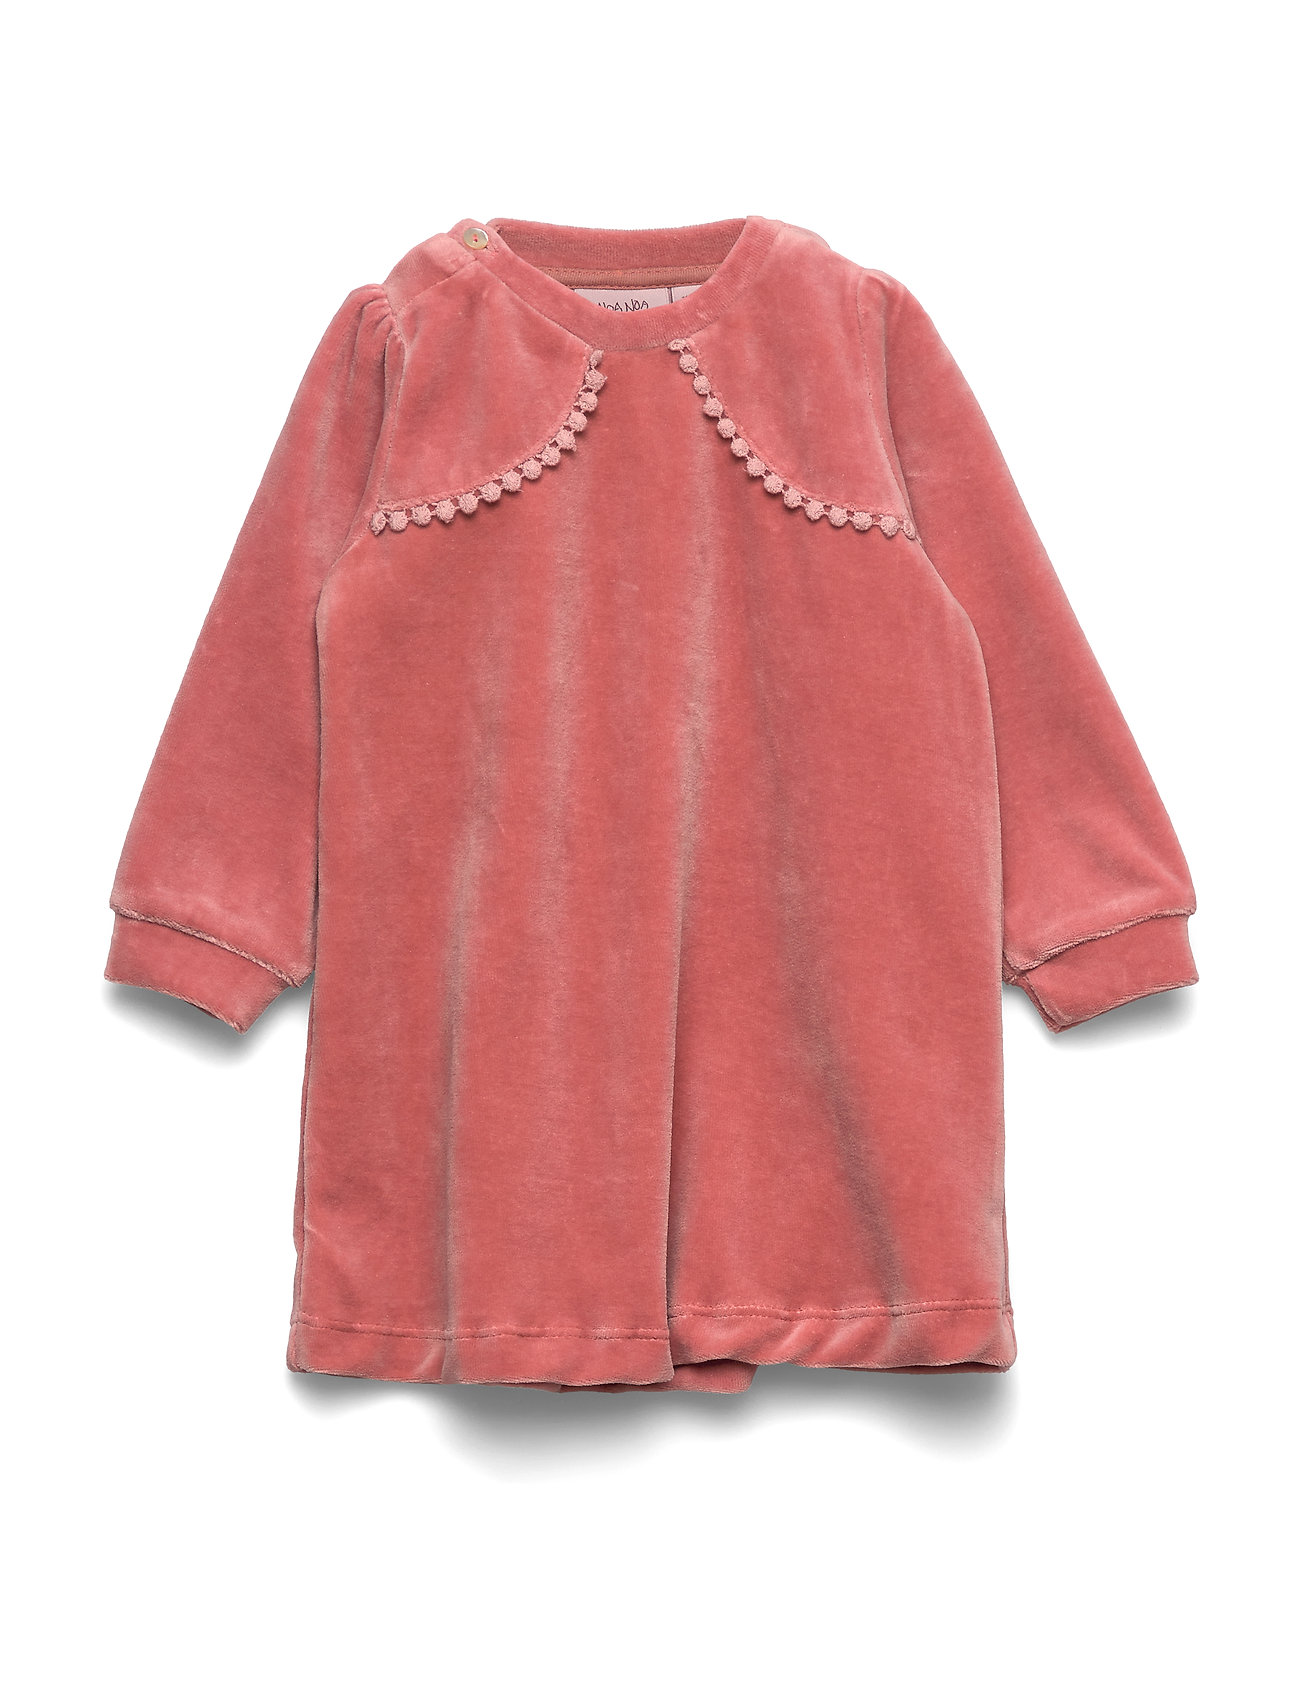 Noa Noa Miniature Dress long sleeve - OLD ROSE